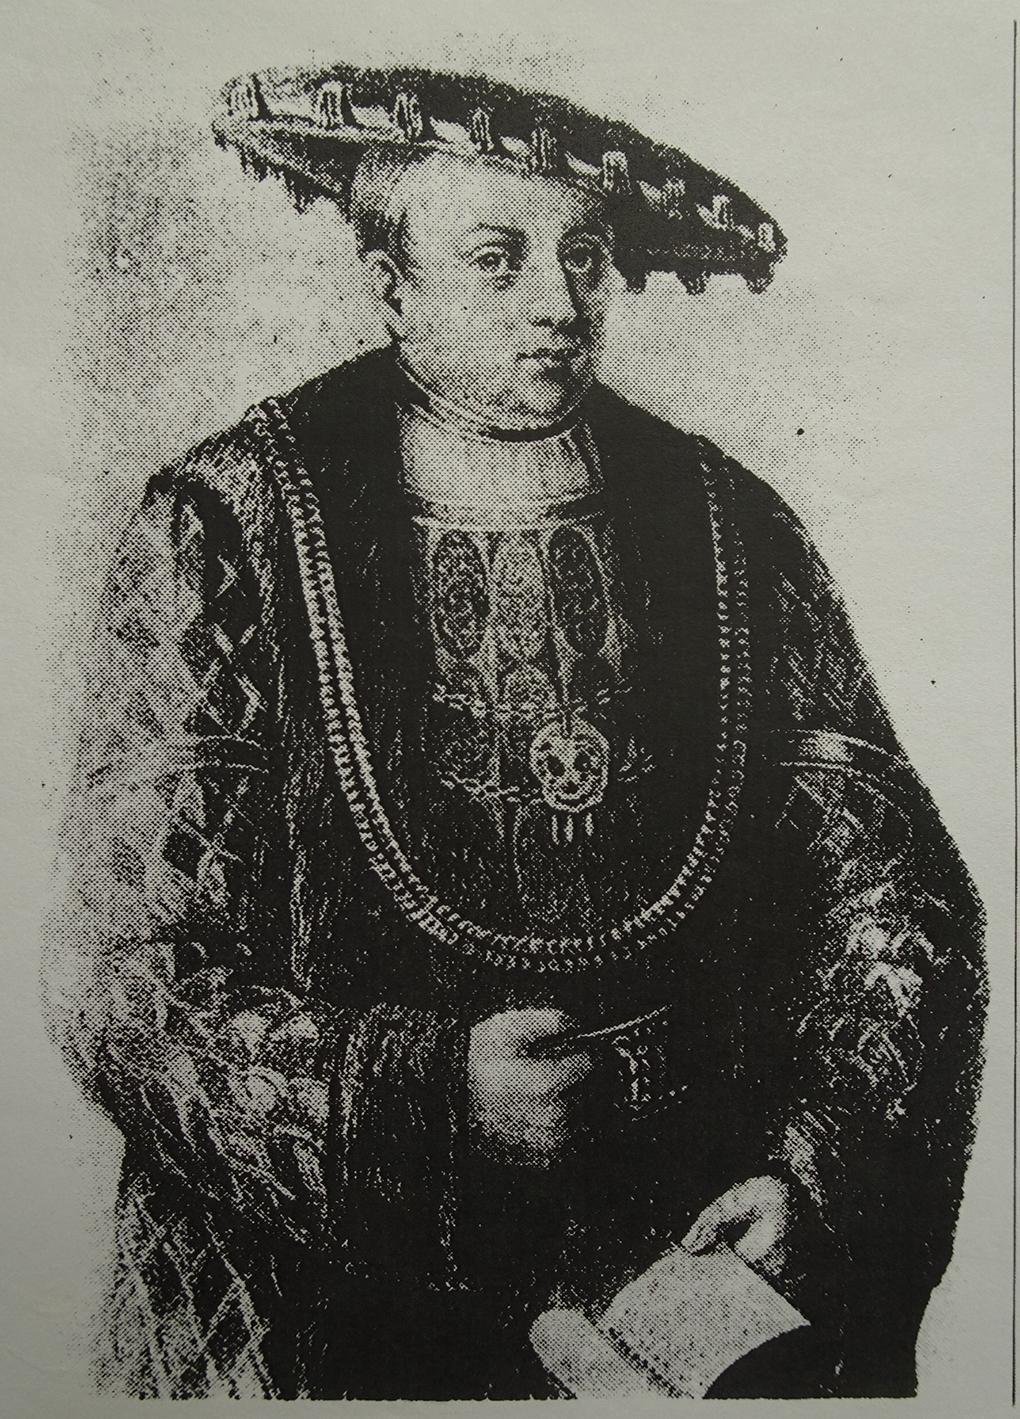 Ferdinand Müller według Ludwiga Mosta, nie datowany, około 1850, litografia na papierze, fotografia archiwalna Muzeum Narodowe w Szczecinie